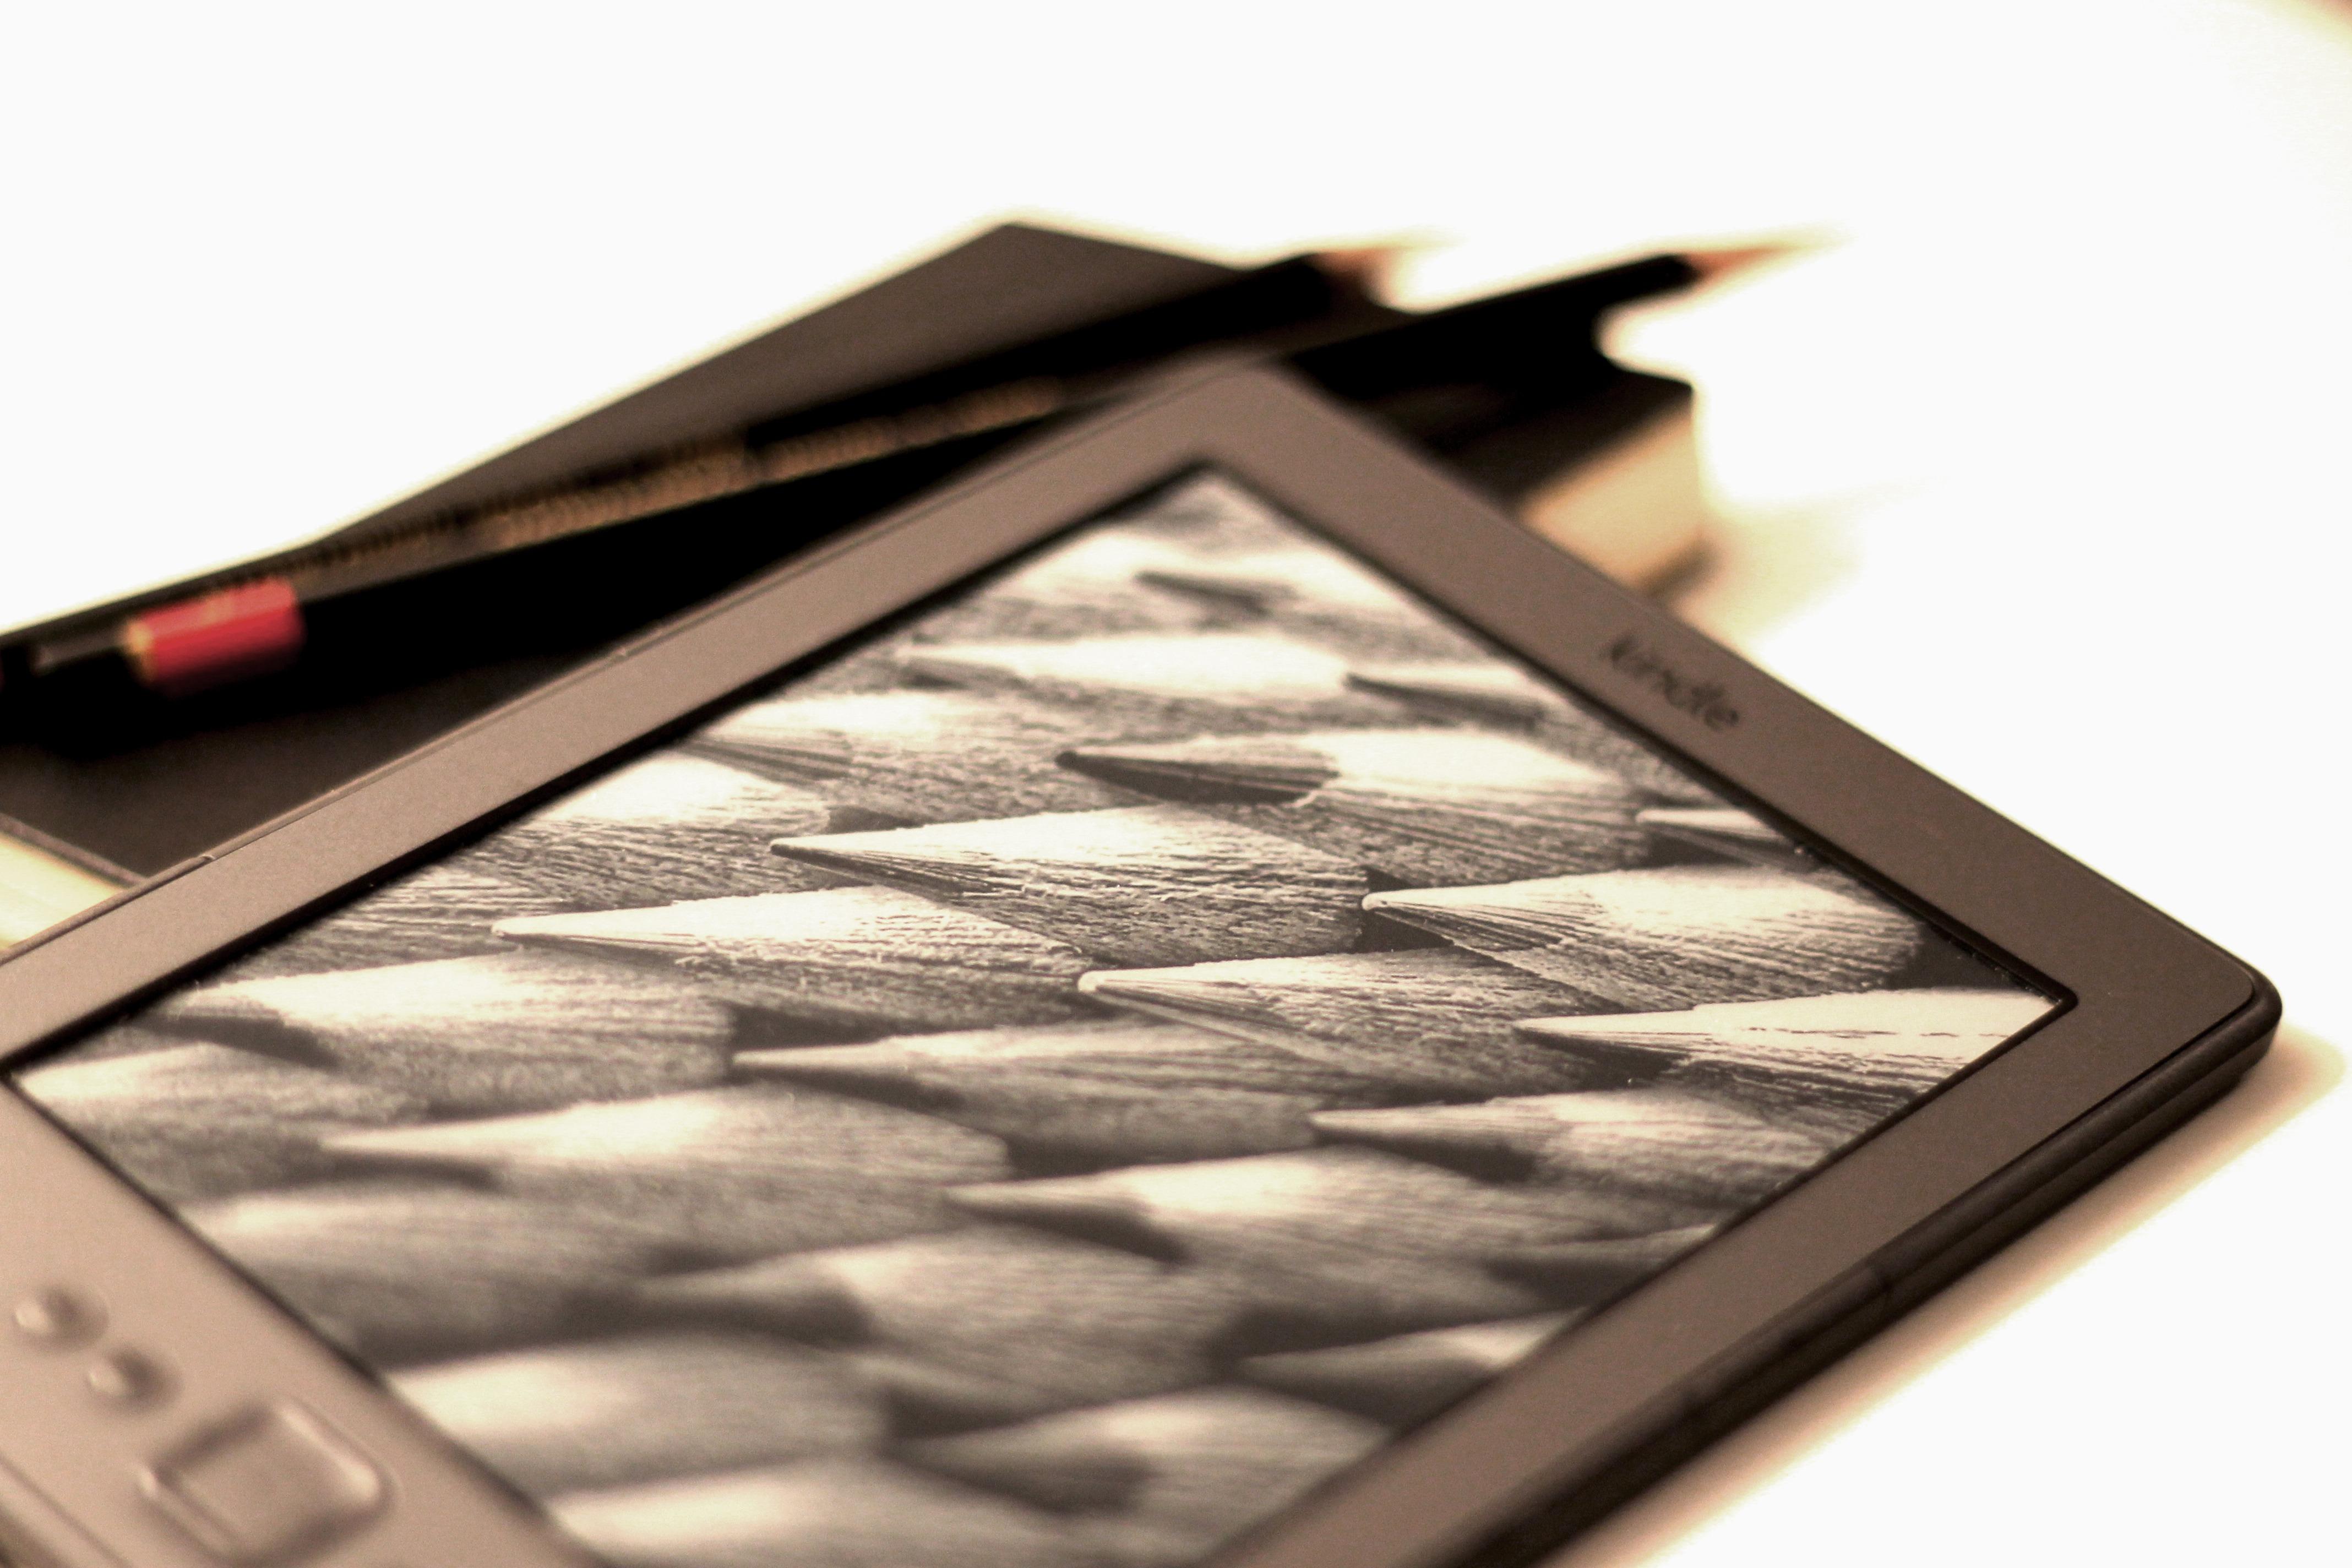 Zalety i wady książek elektronicznych